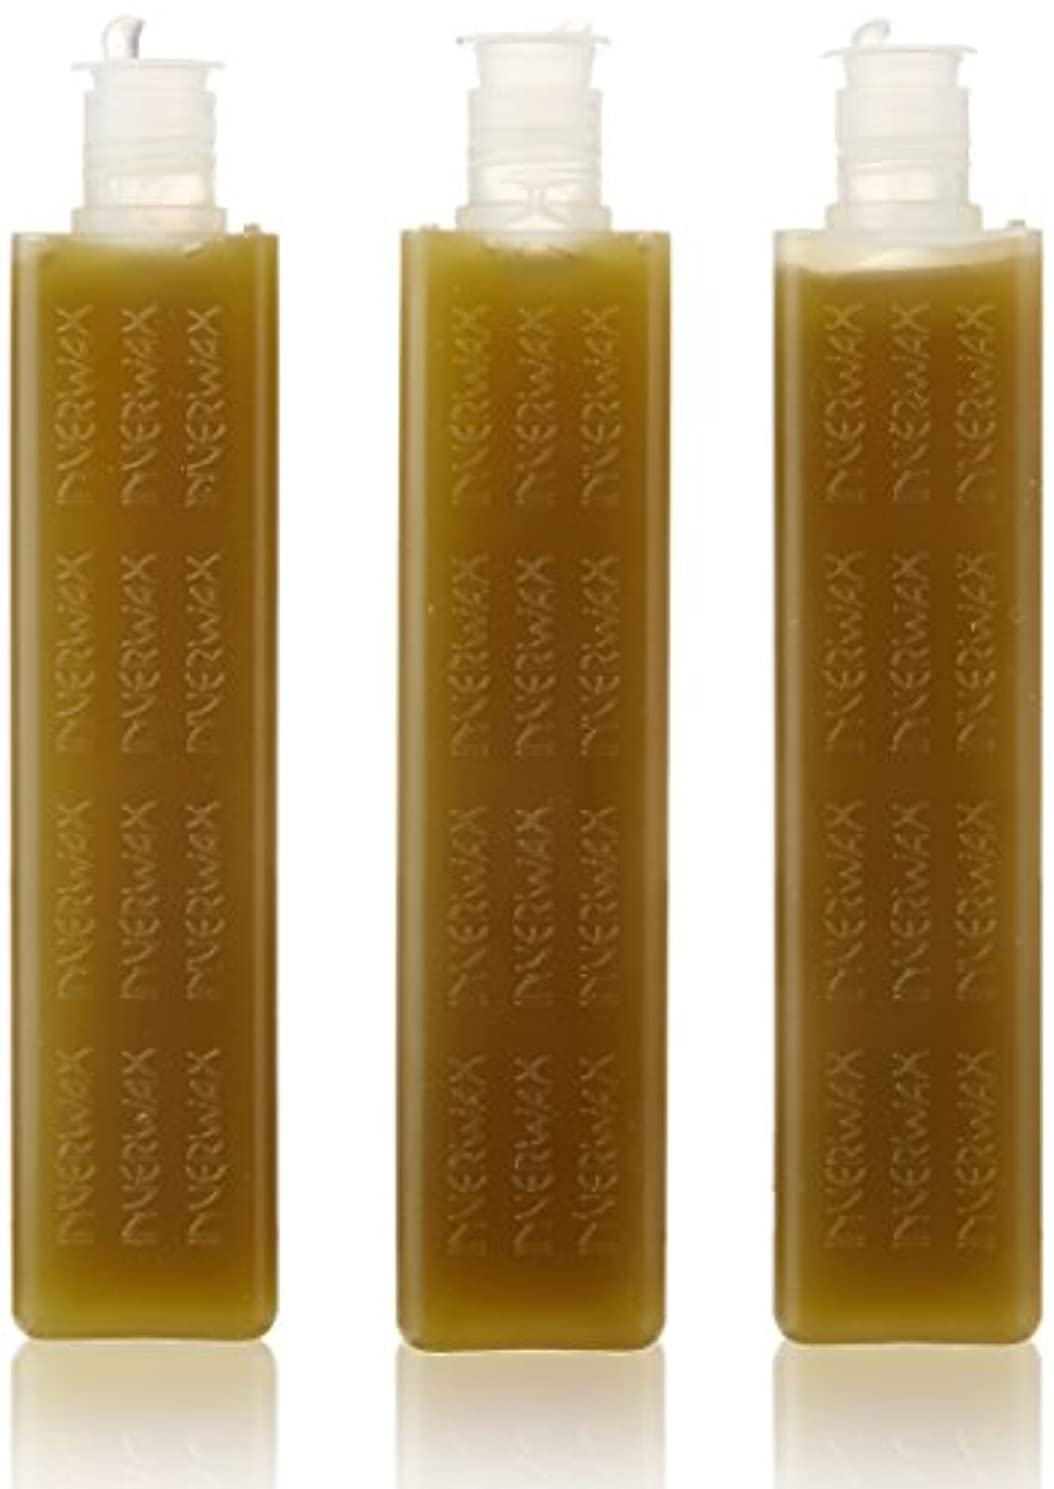 ビールテープハンサム(Medium Sensitive) - Clean+Easy Azulene Refill x3 - Medium